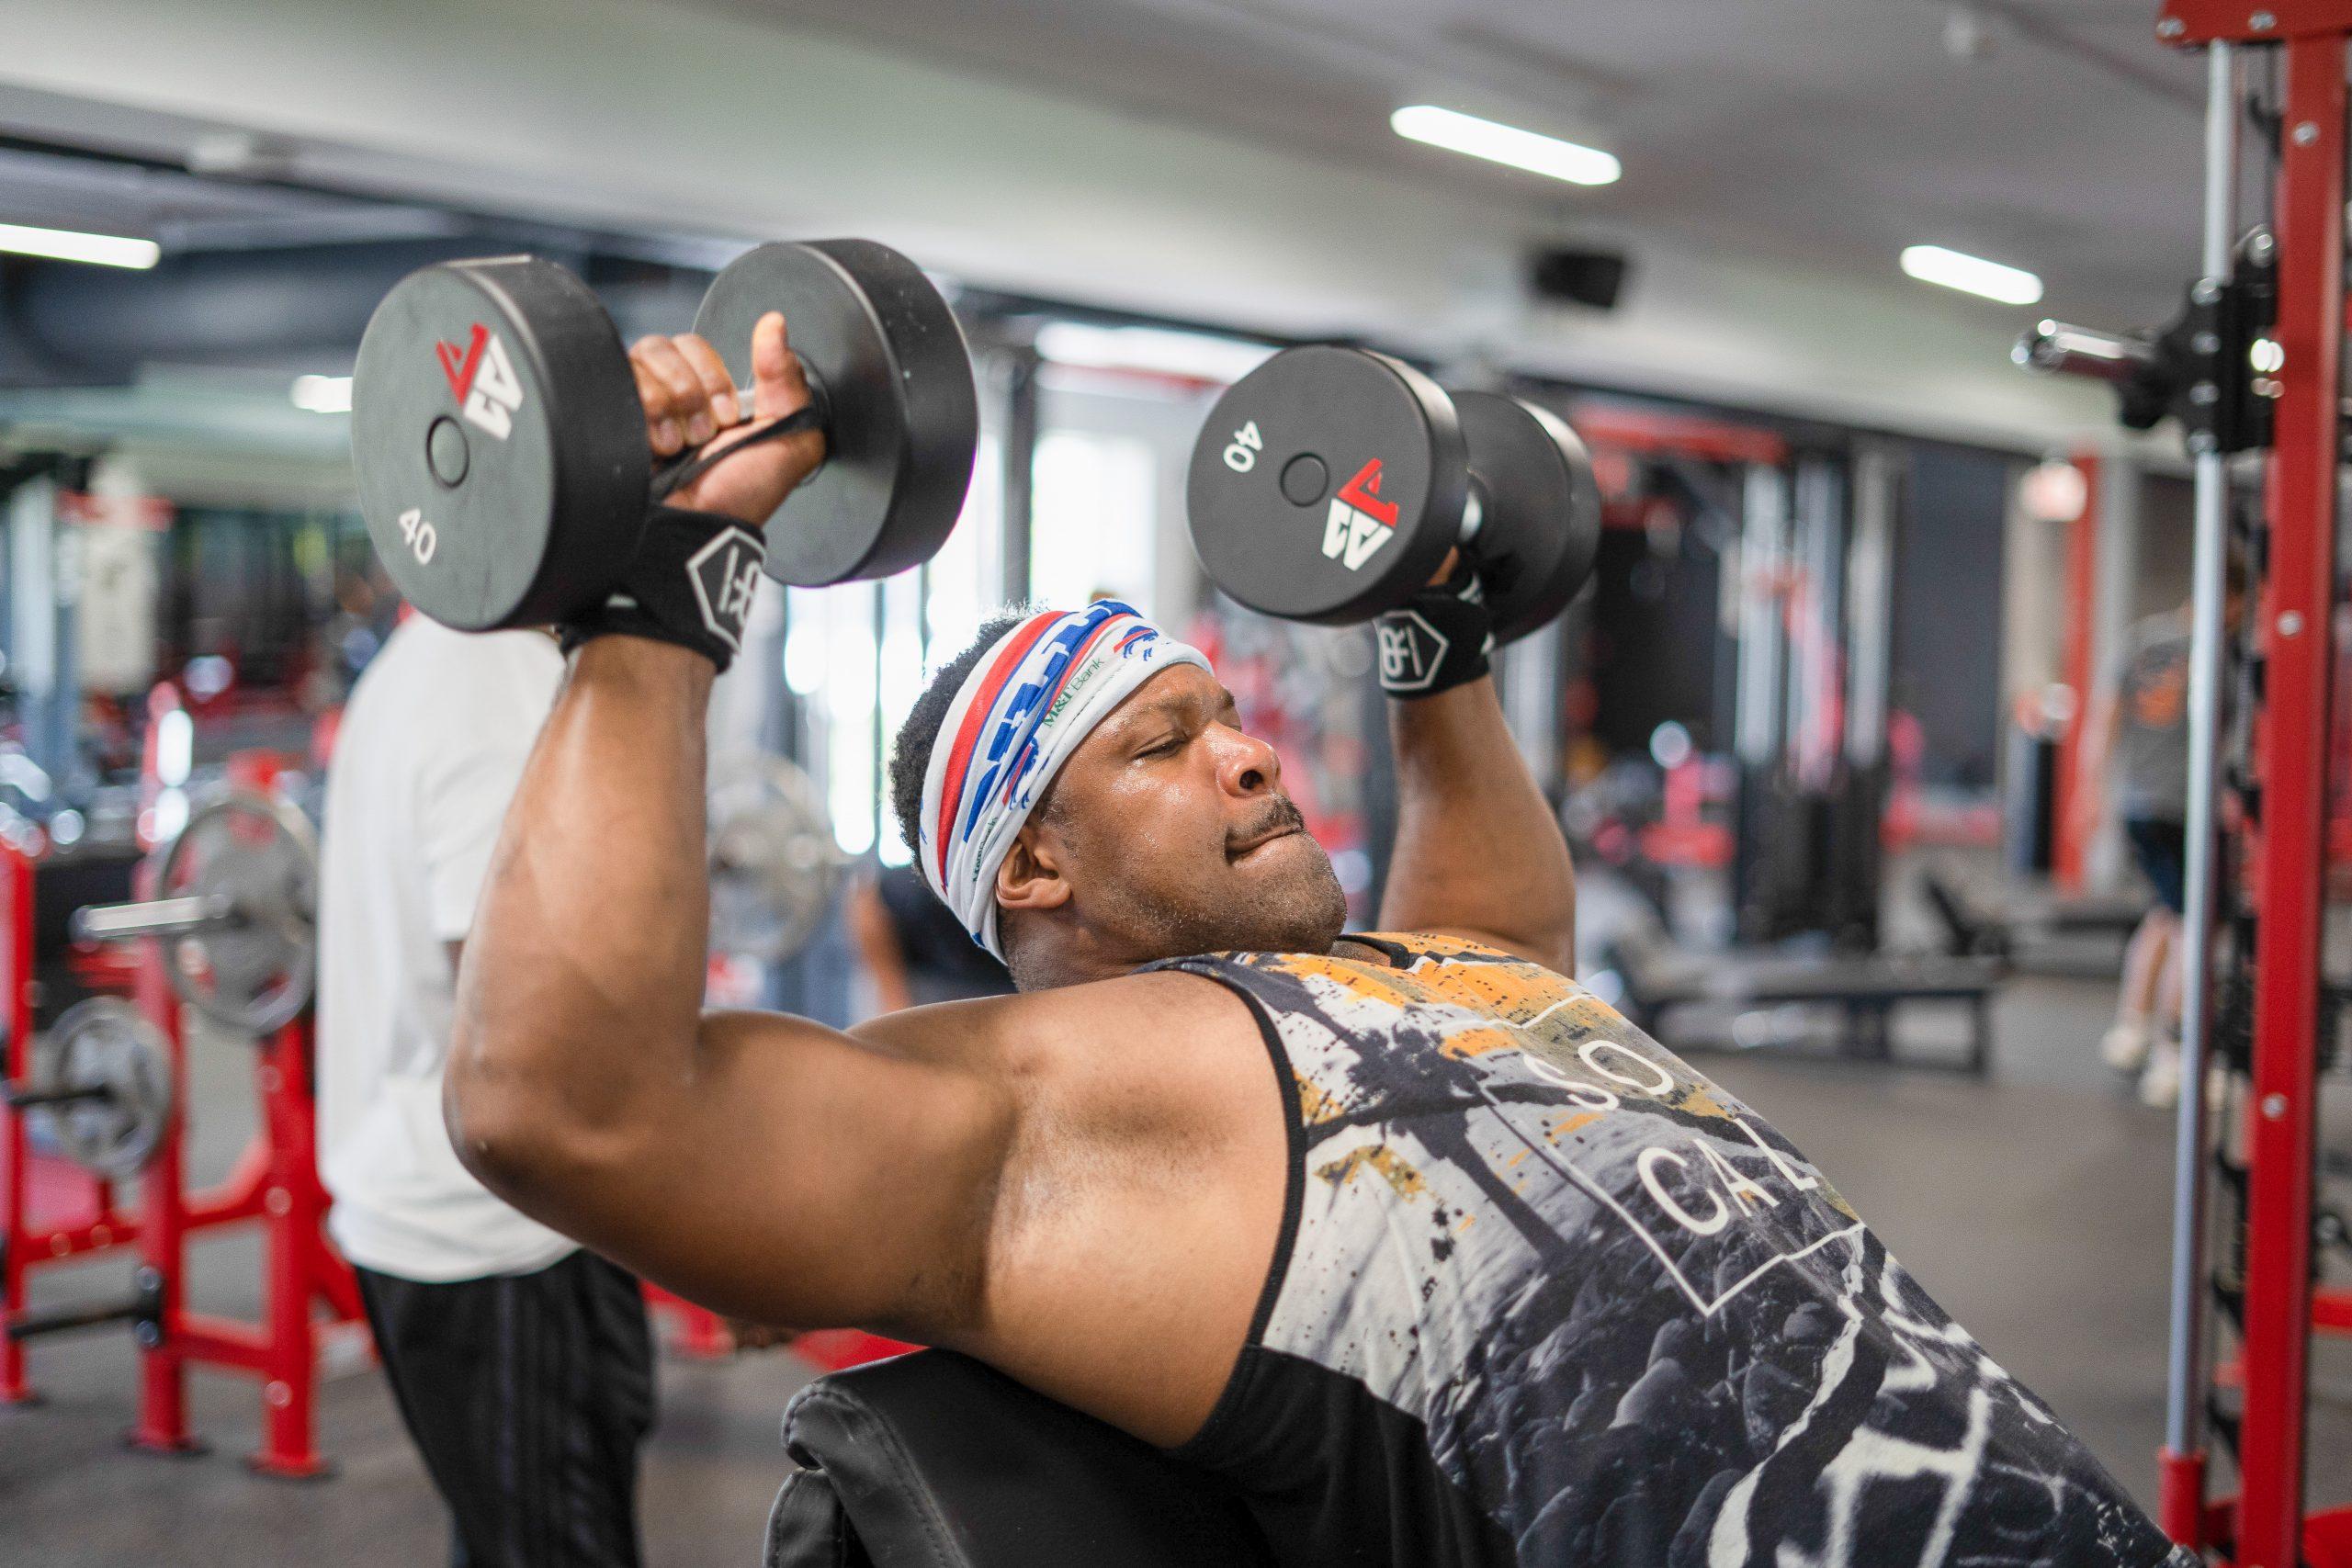 blitz body fitness class in buffalo ny